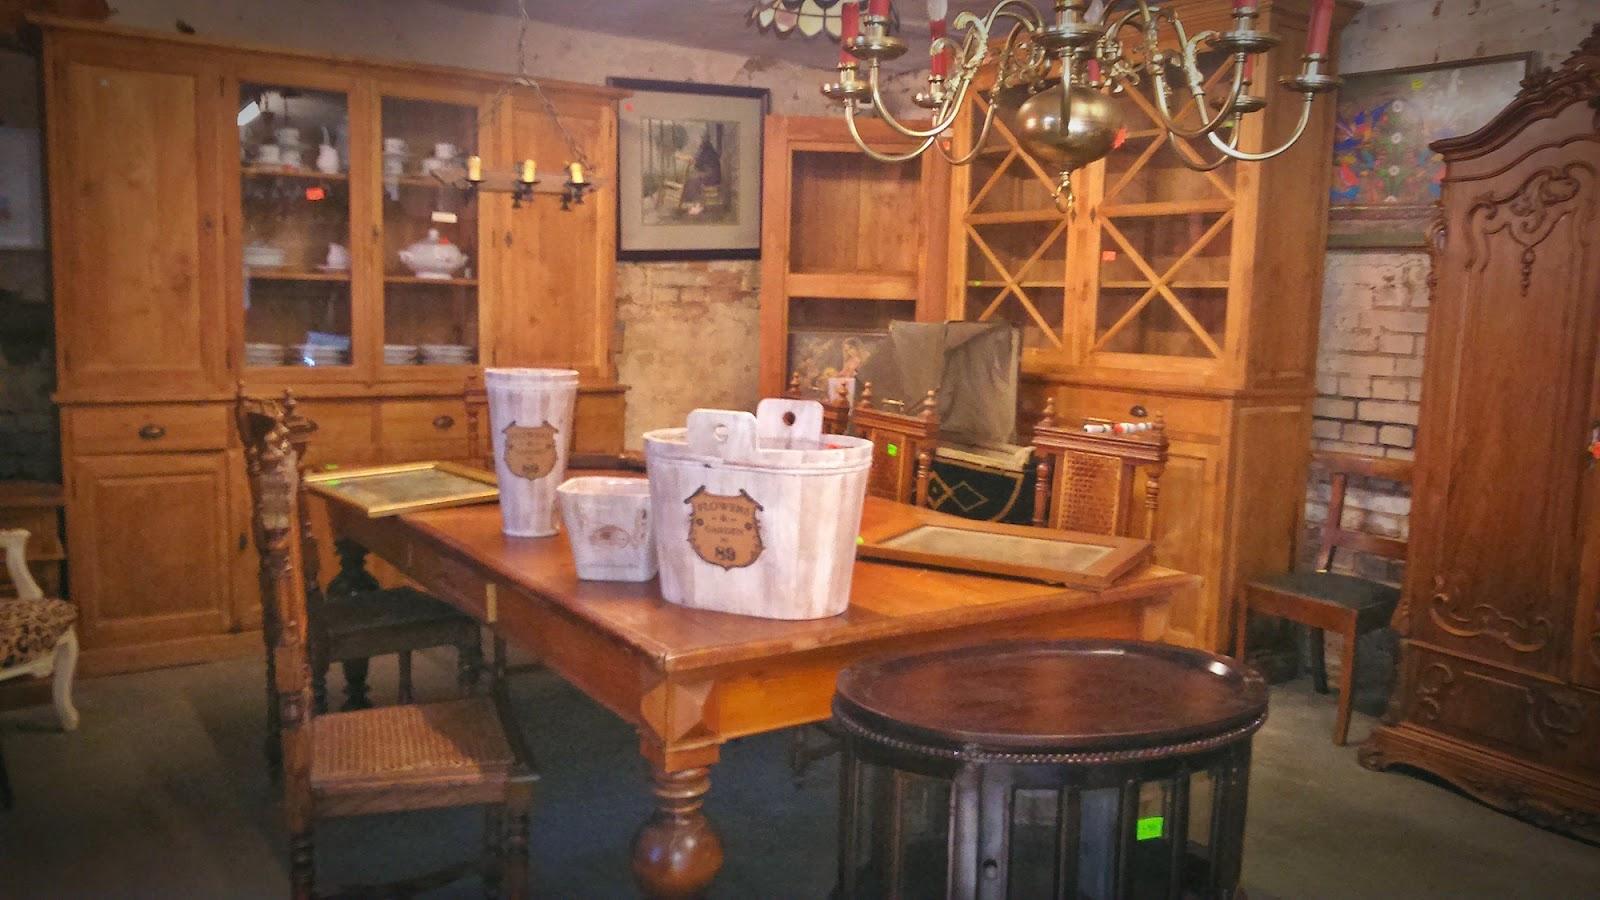 meble 187 czacz meble pomys�y dekorowania wnętrza domu